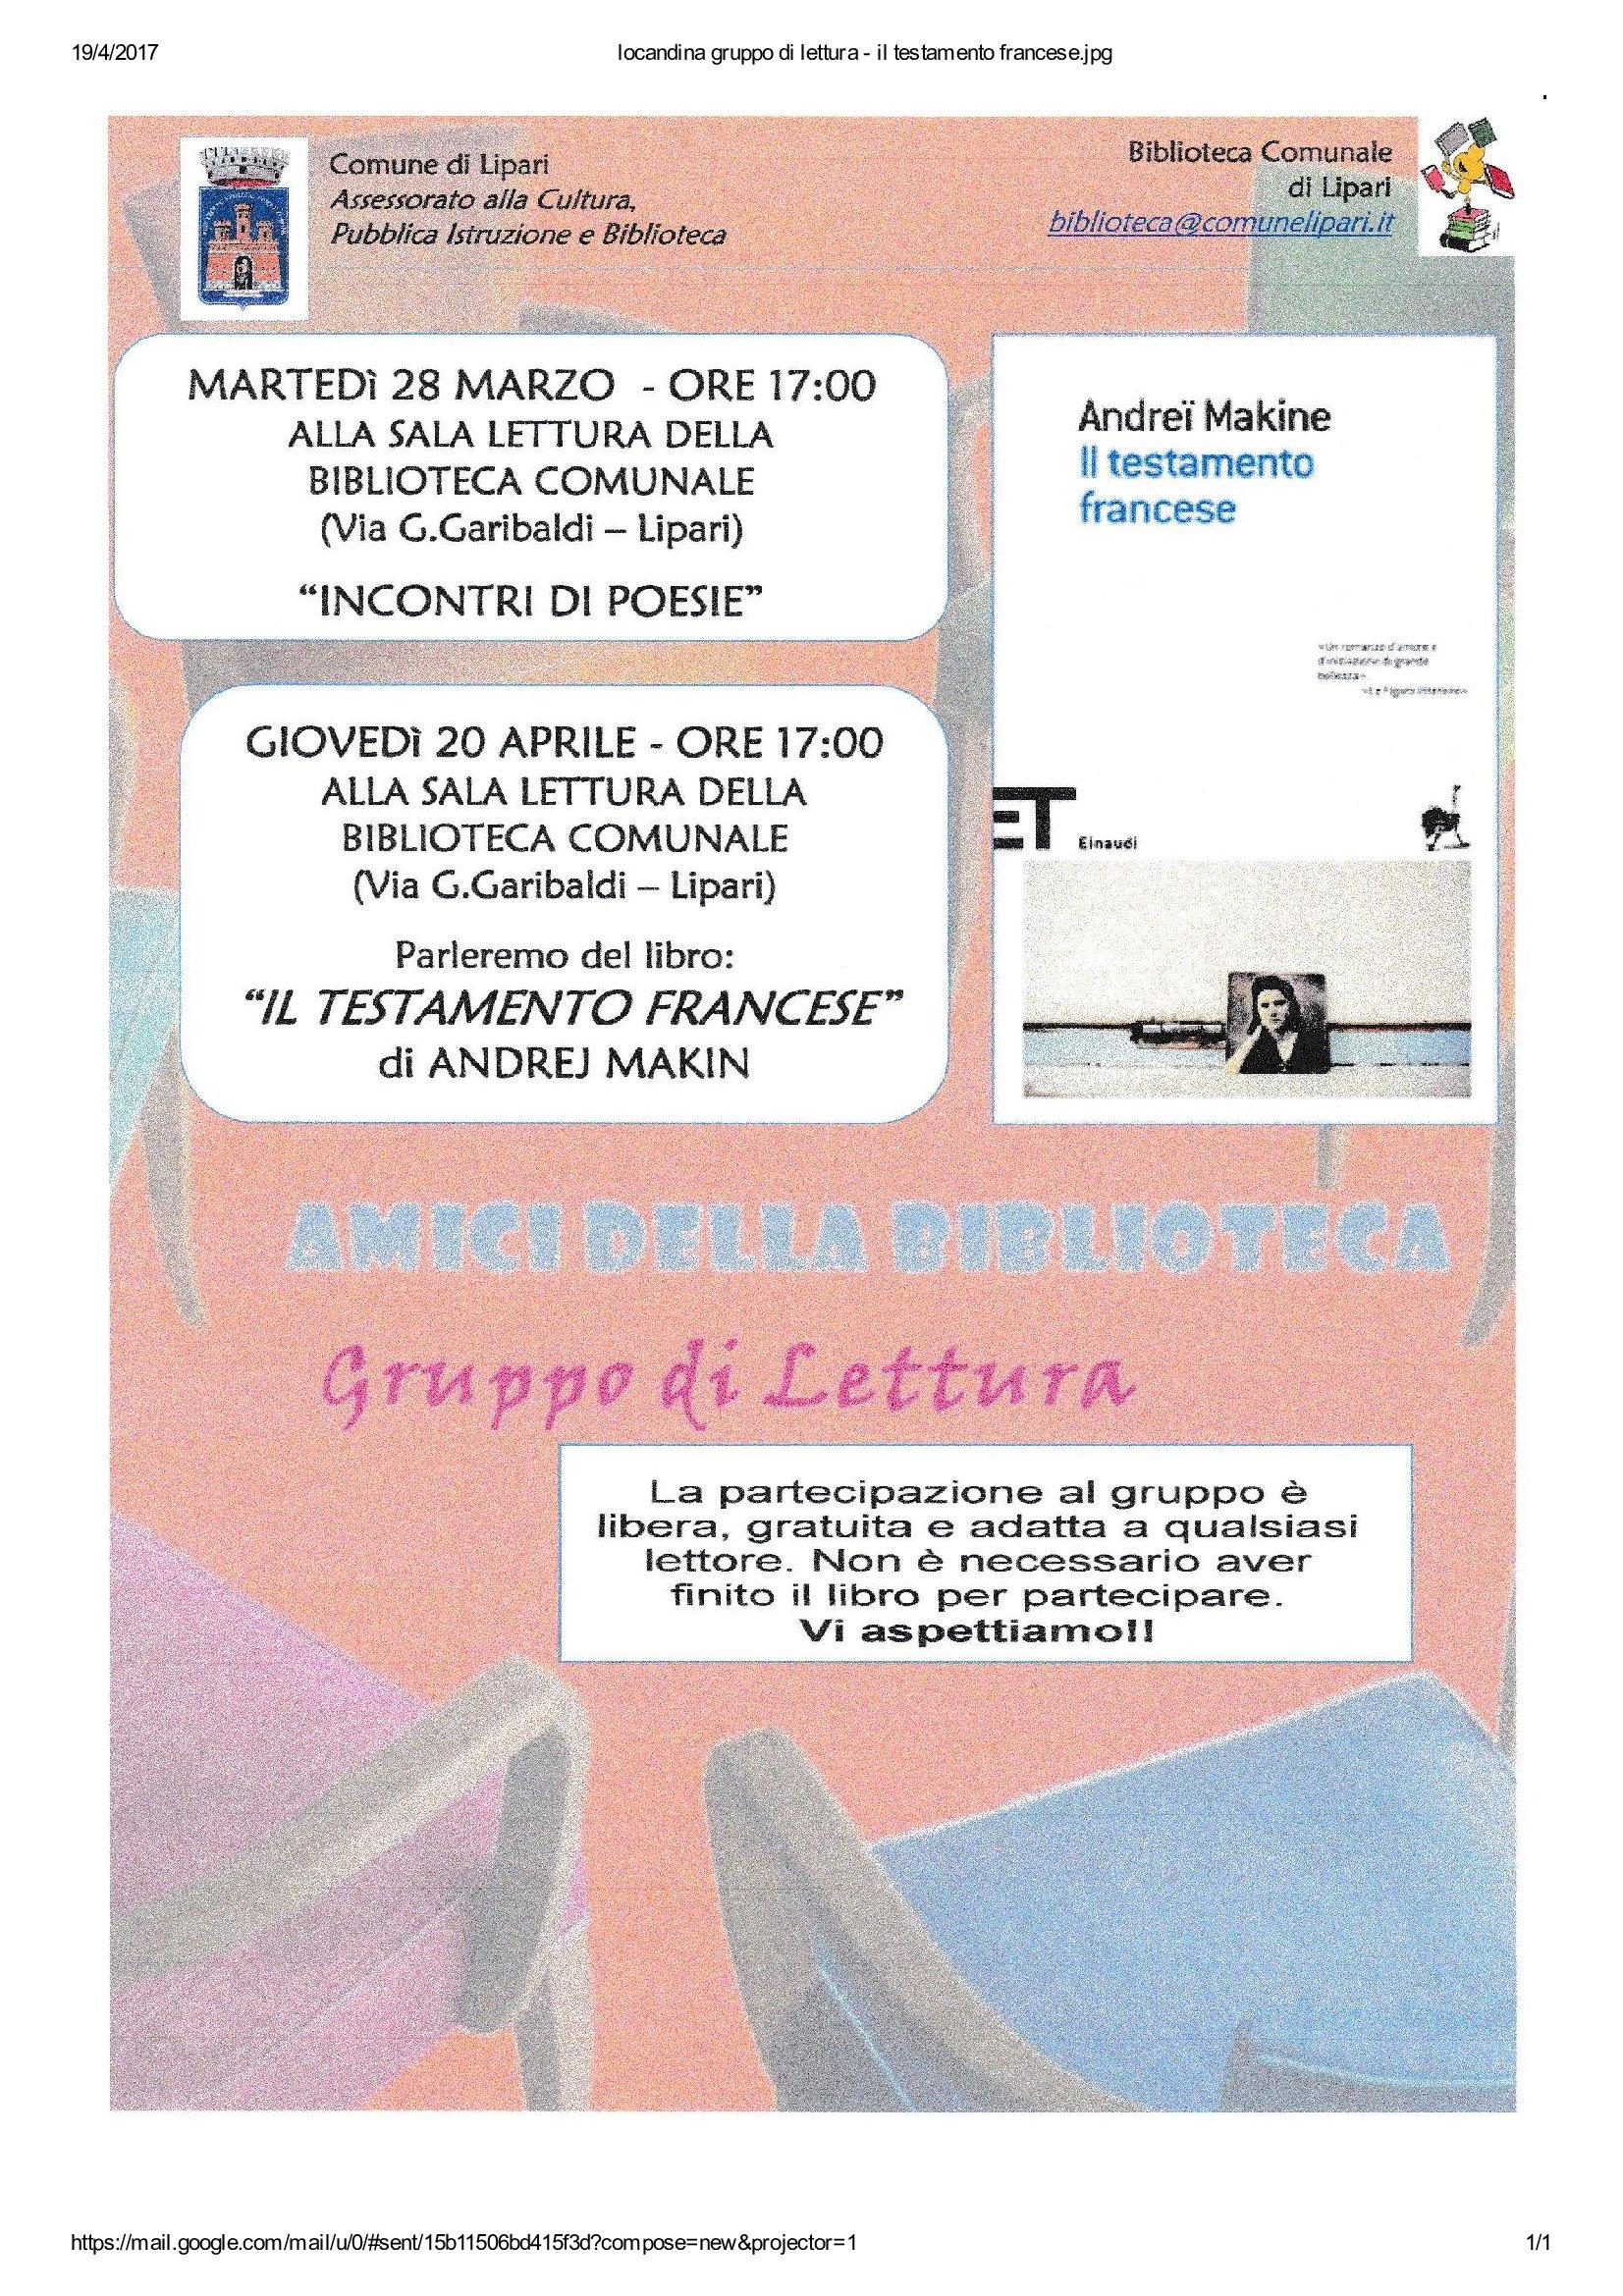 locandina_gruppo_di_lettura_-_il_testamento_france